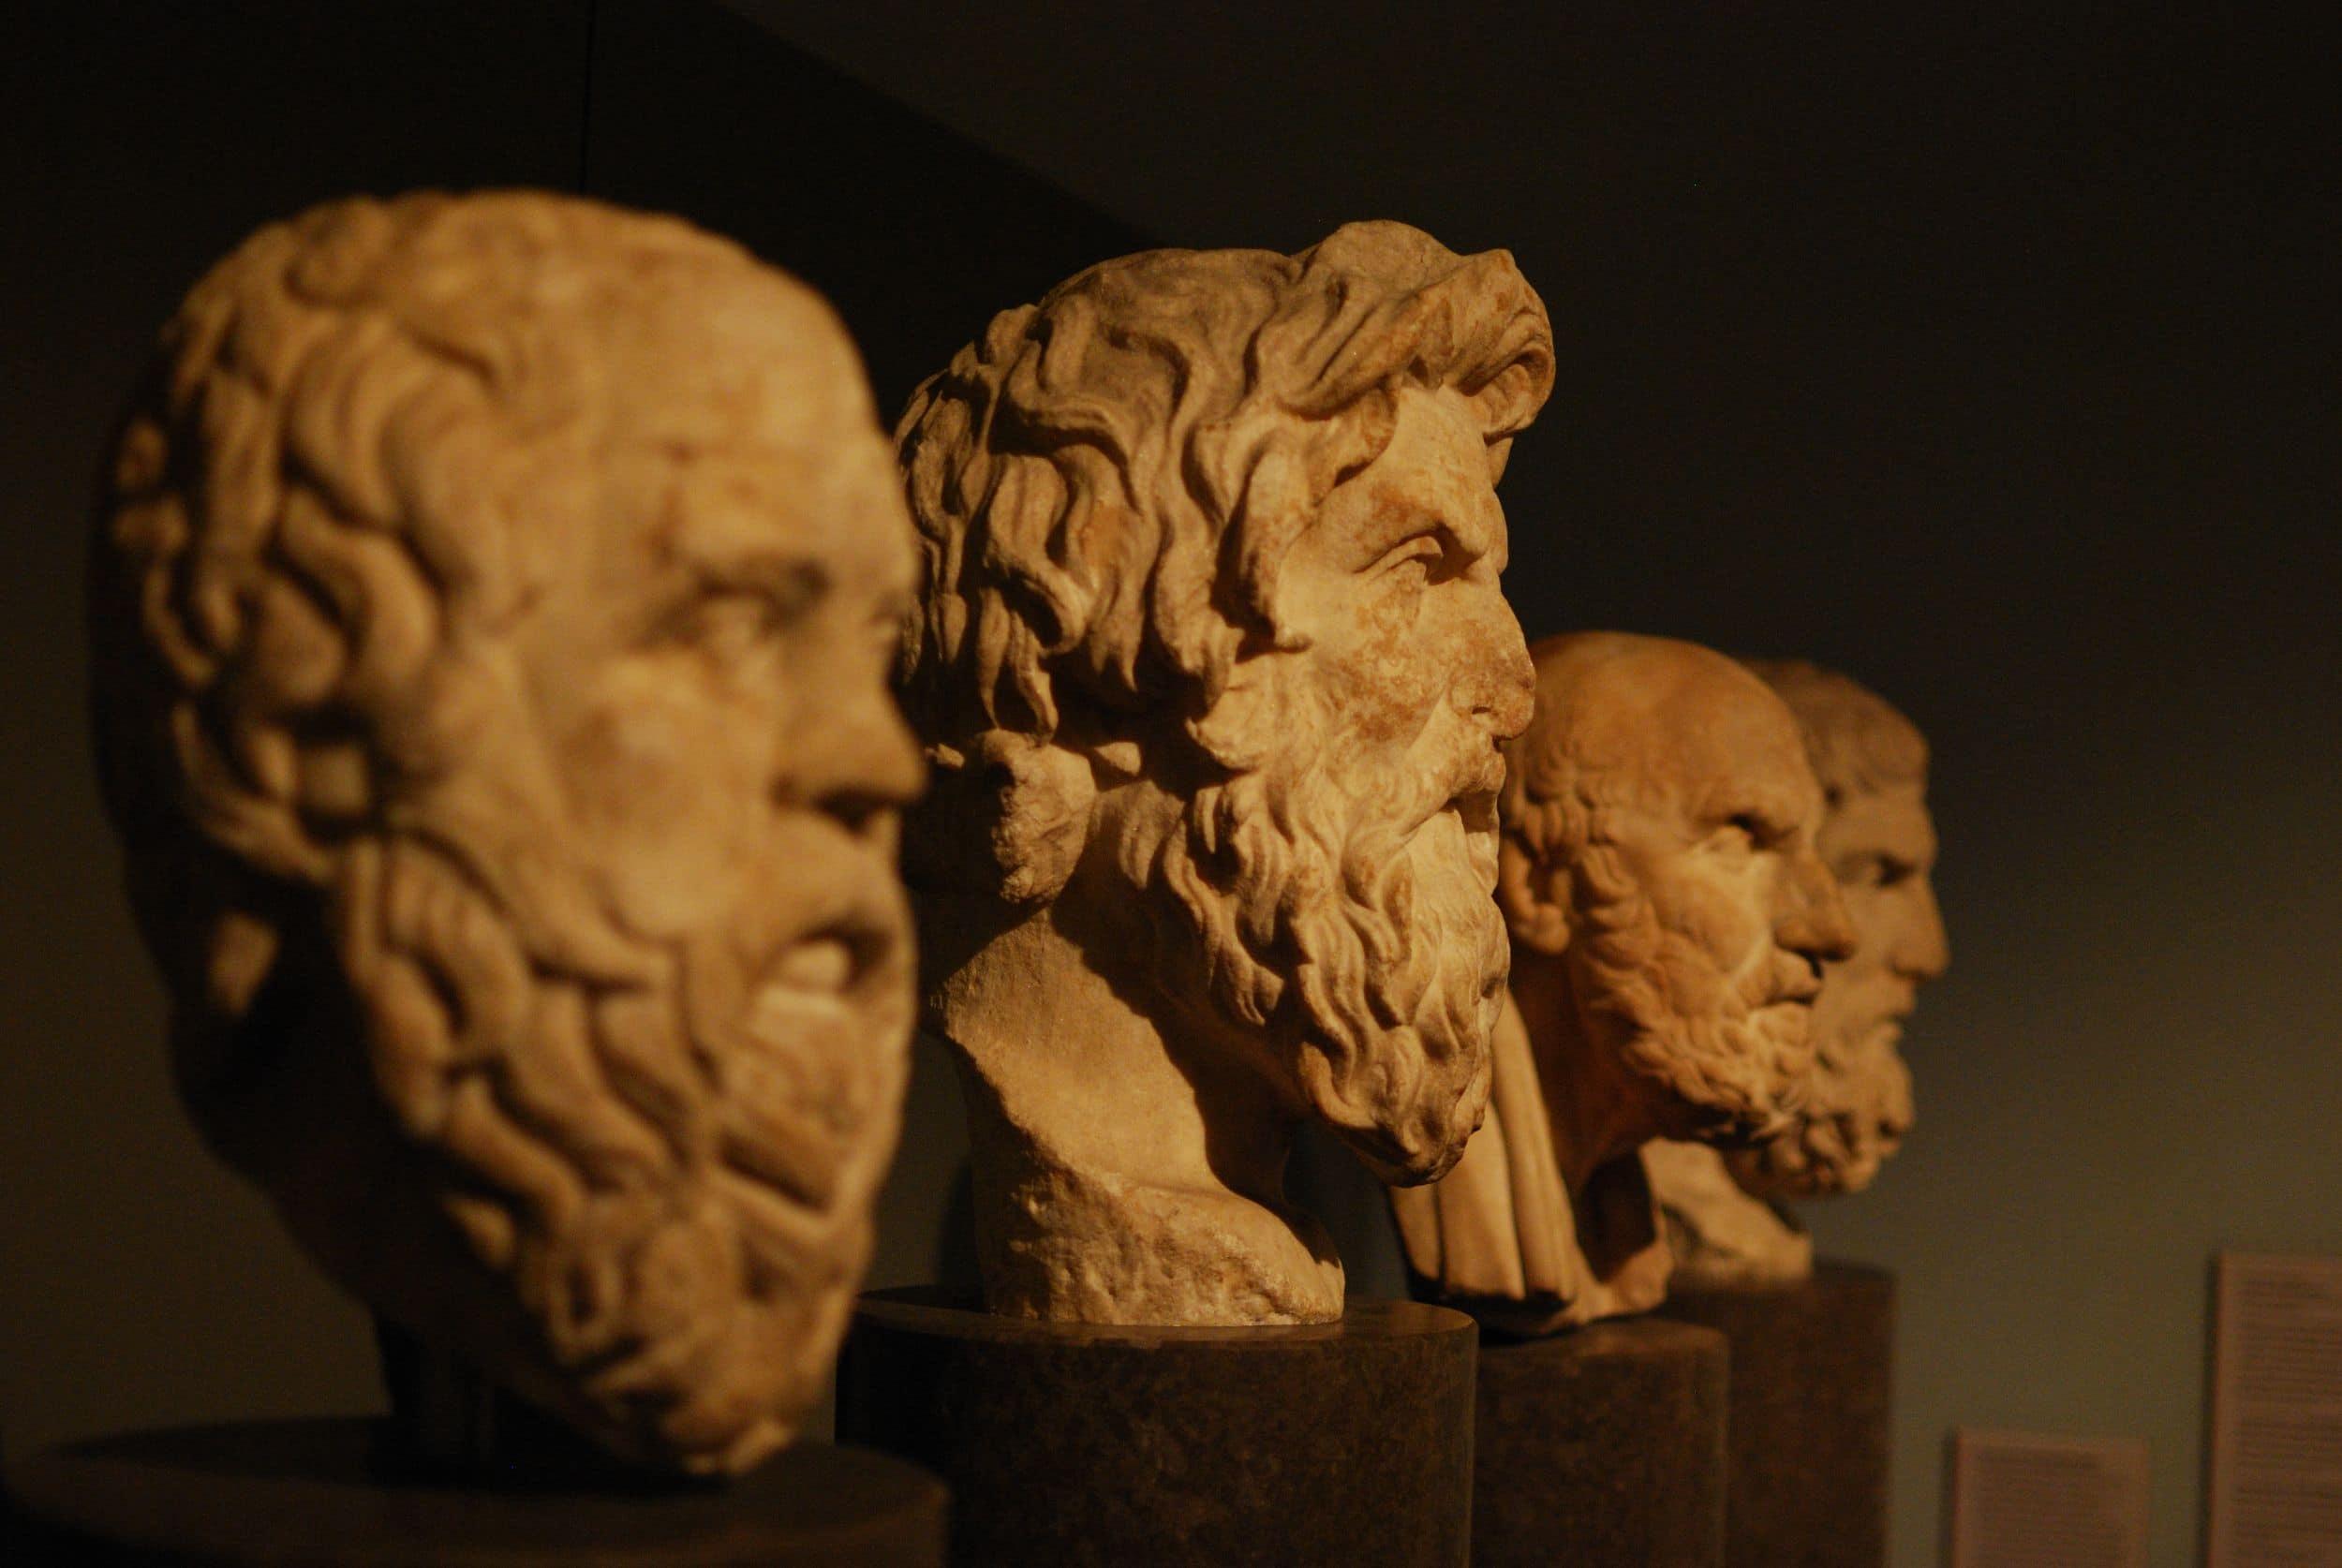 عادات وتقاليد روما